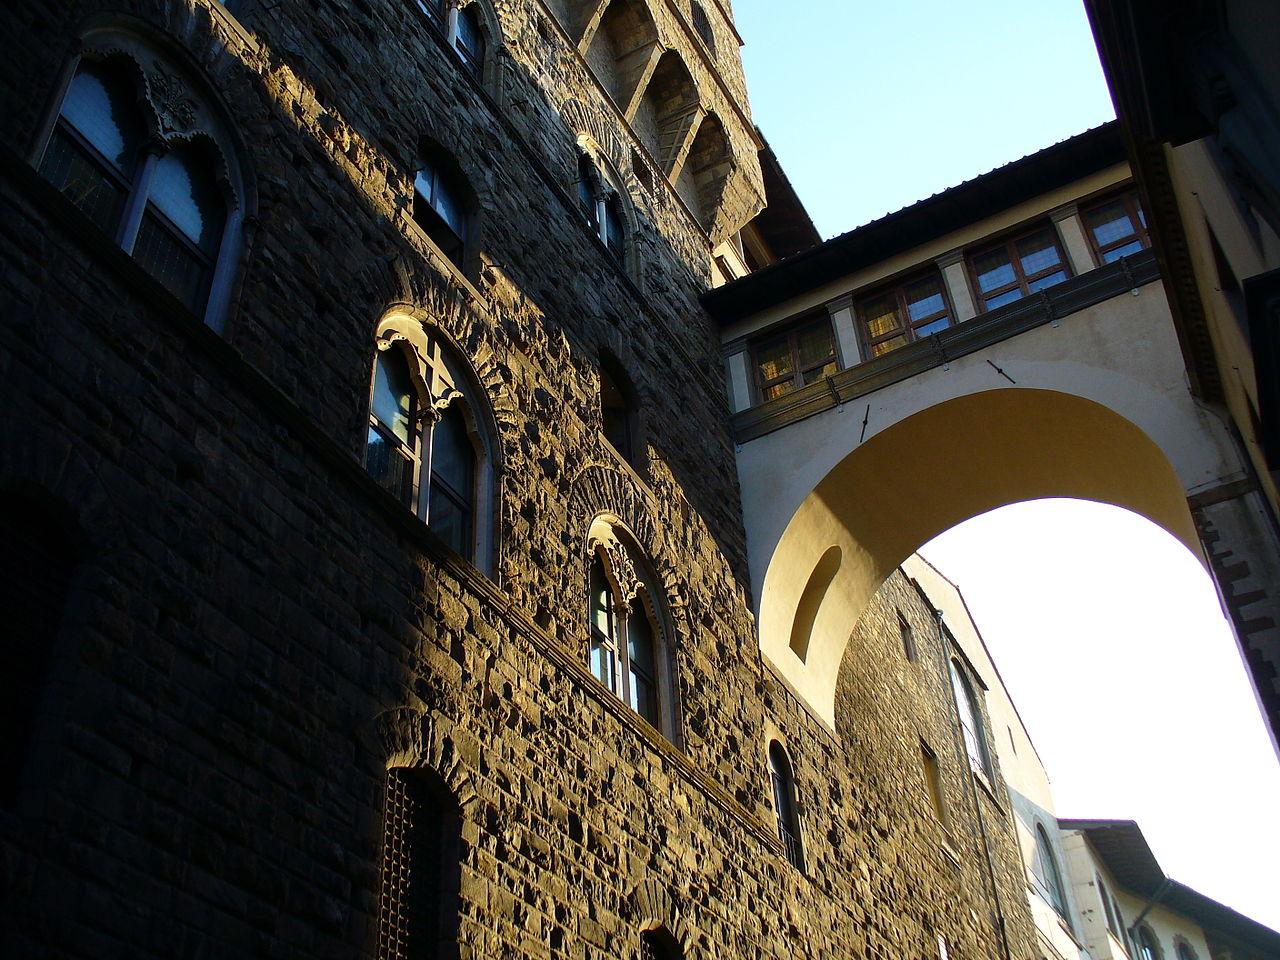 1280px-Vasari_Corridor_1